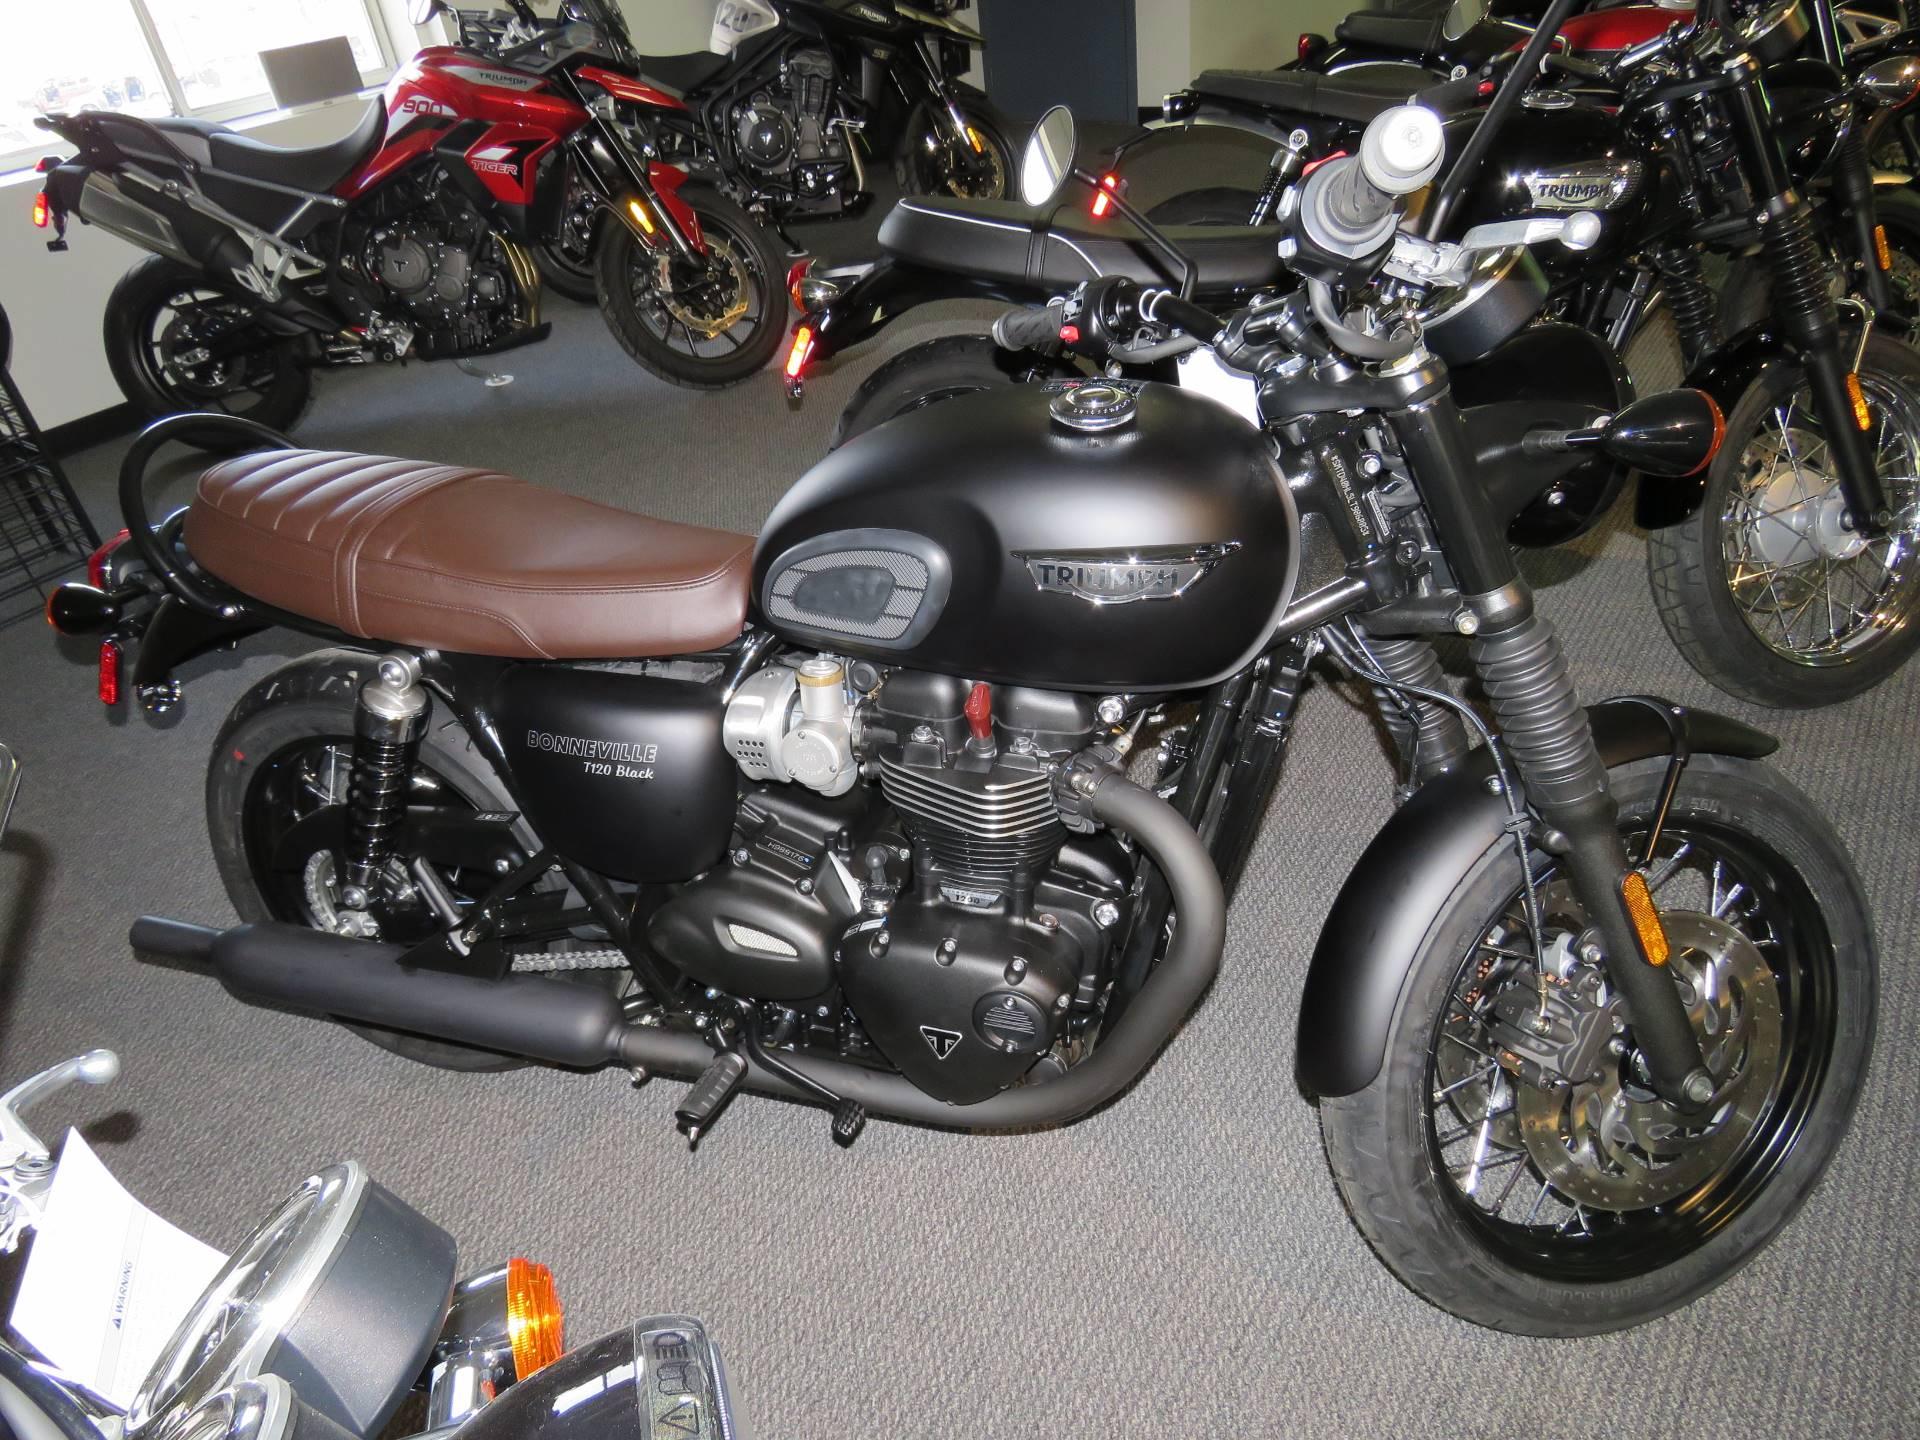 New 2020 Triumph Bonneville T120 Black Matte Jet Black Motorcycles In Iowa City Ia T86005